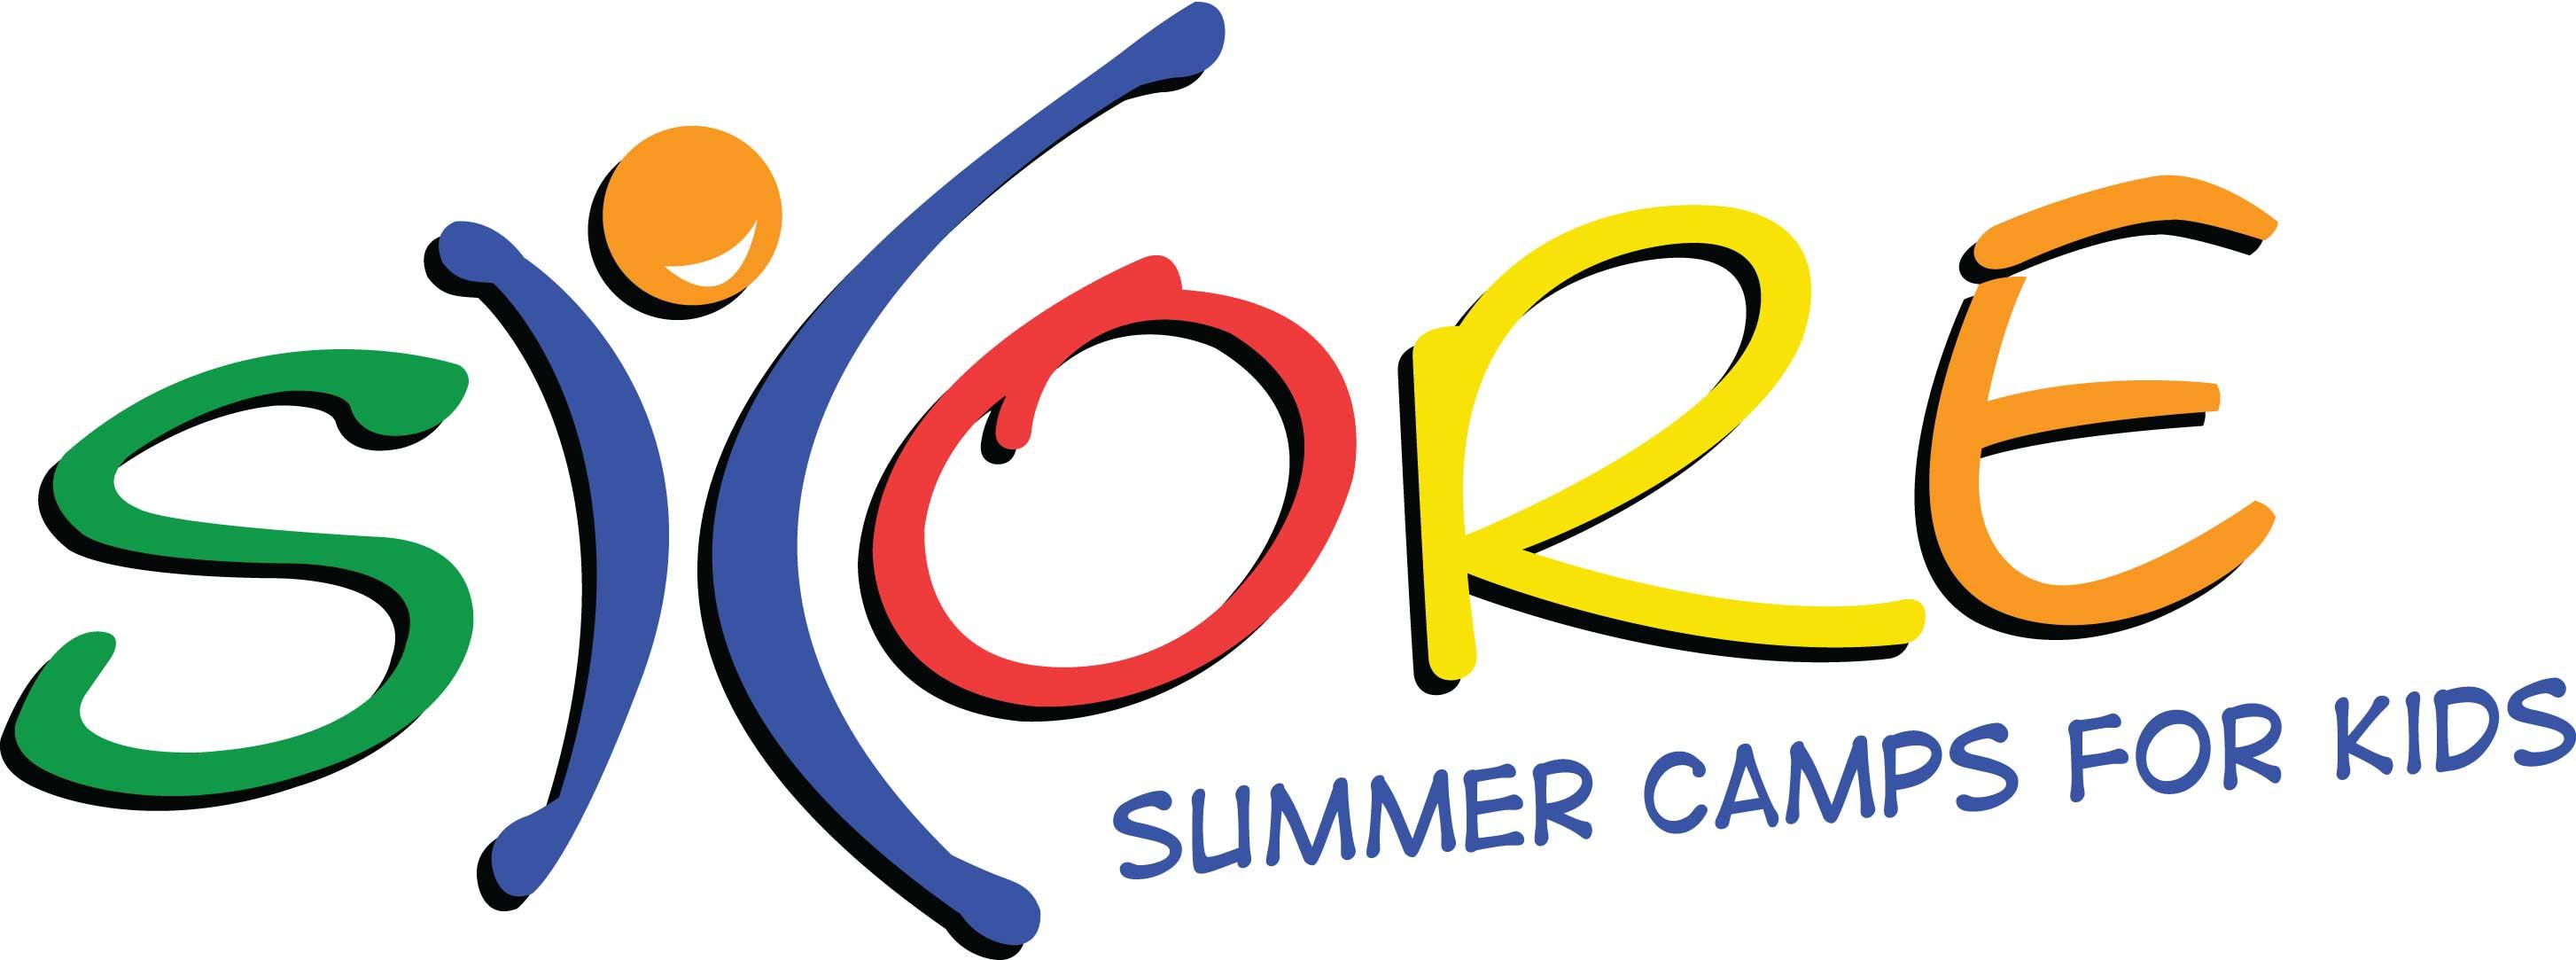 SKORE Summer Camps for Kids